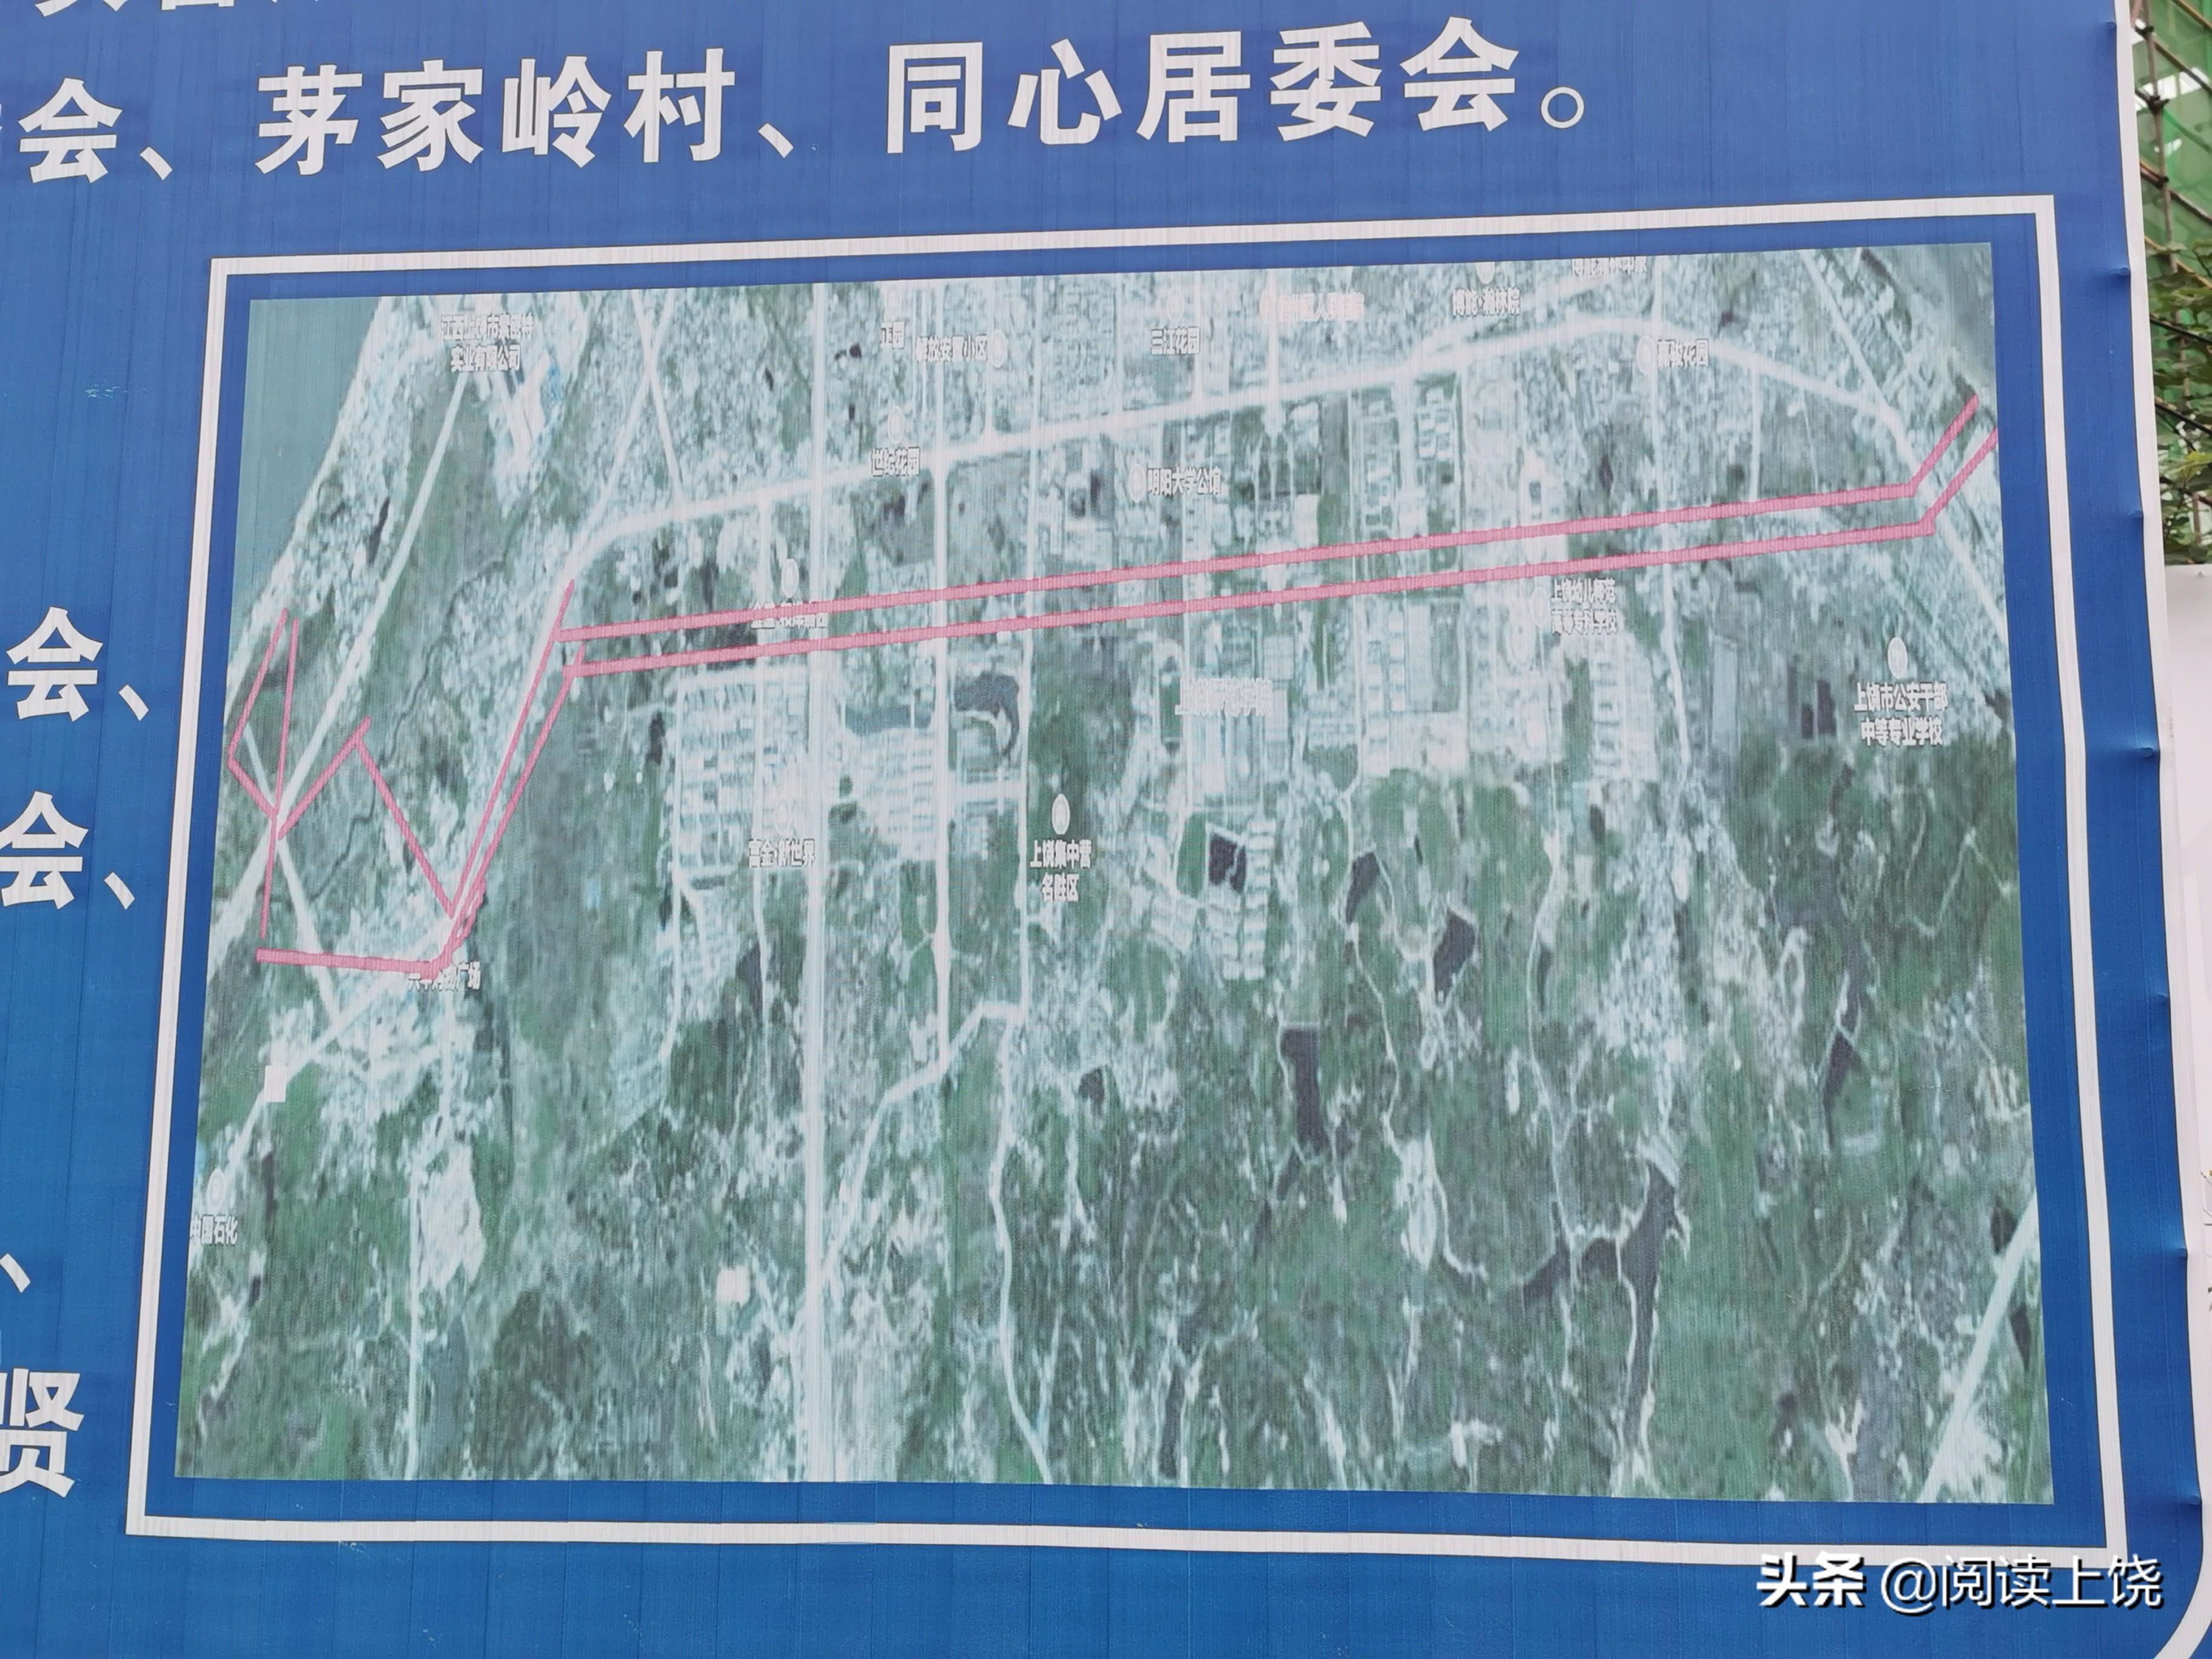 上饶三江导托渠水渠7公里设置了7个码头 步道14公里全部完工